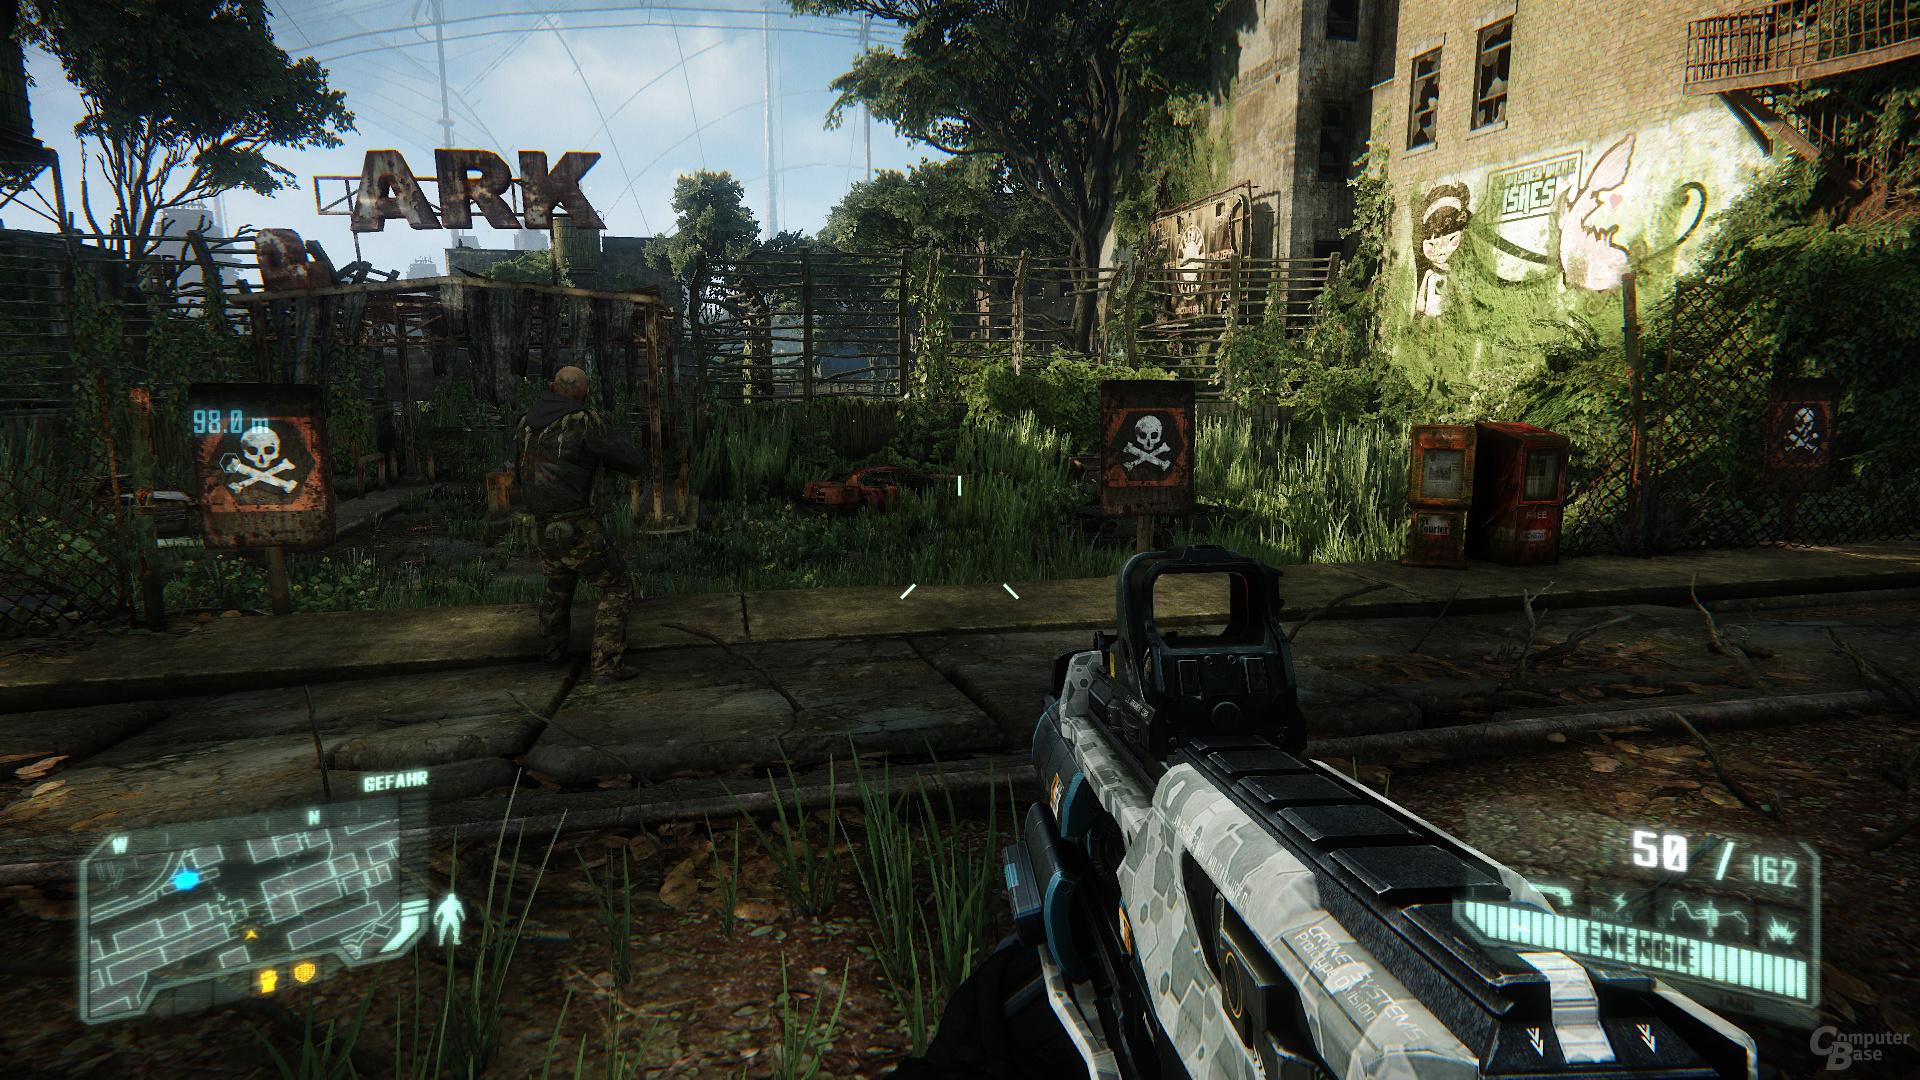 Crysis 3 - 2xMSAA